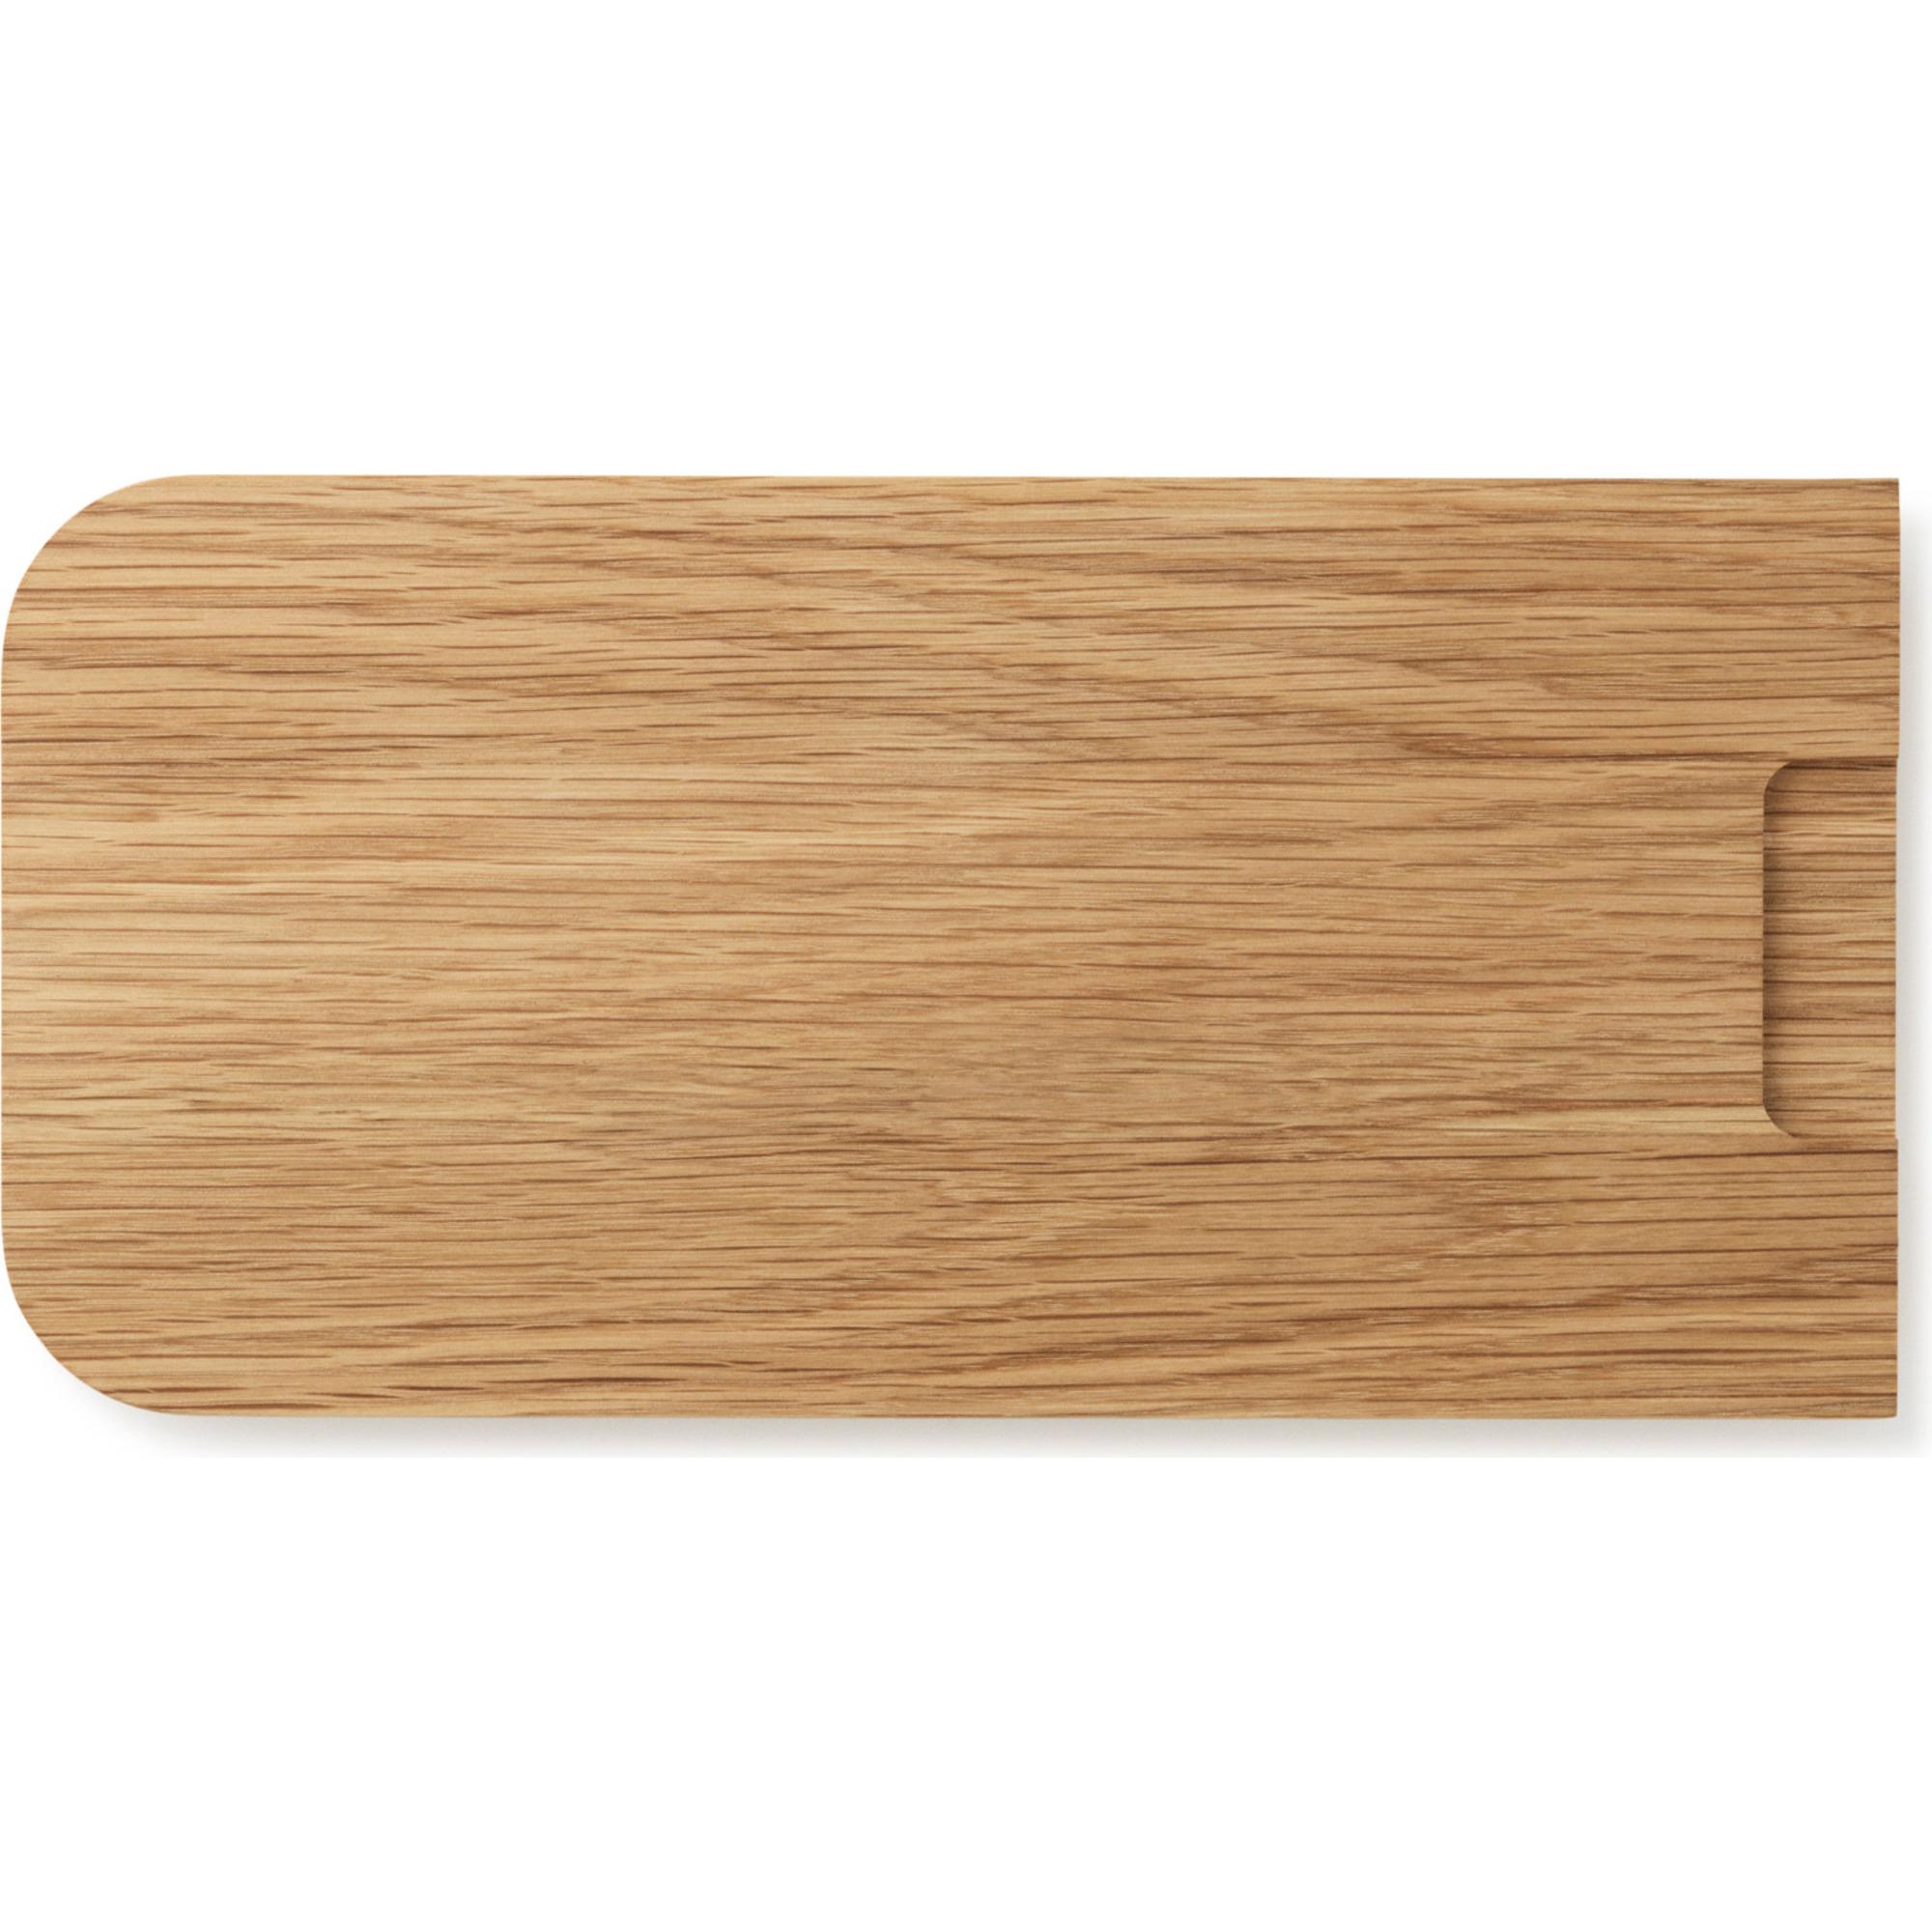 Normann Copenhagen Part Cutting Board Snack Oak